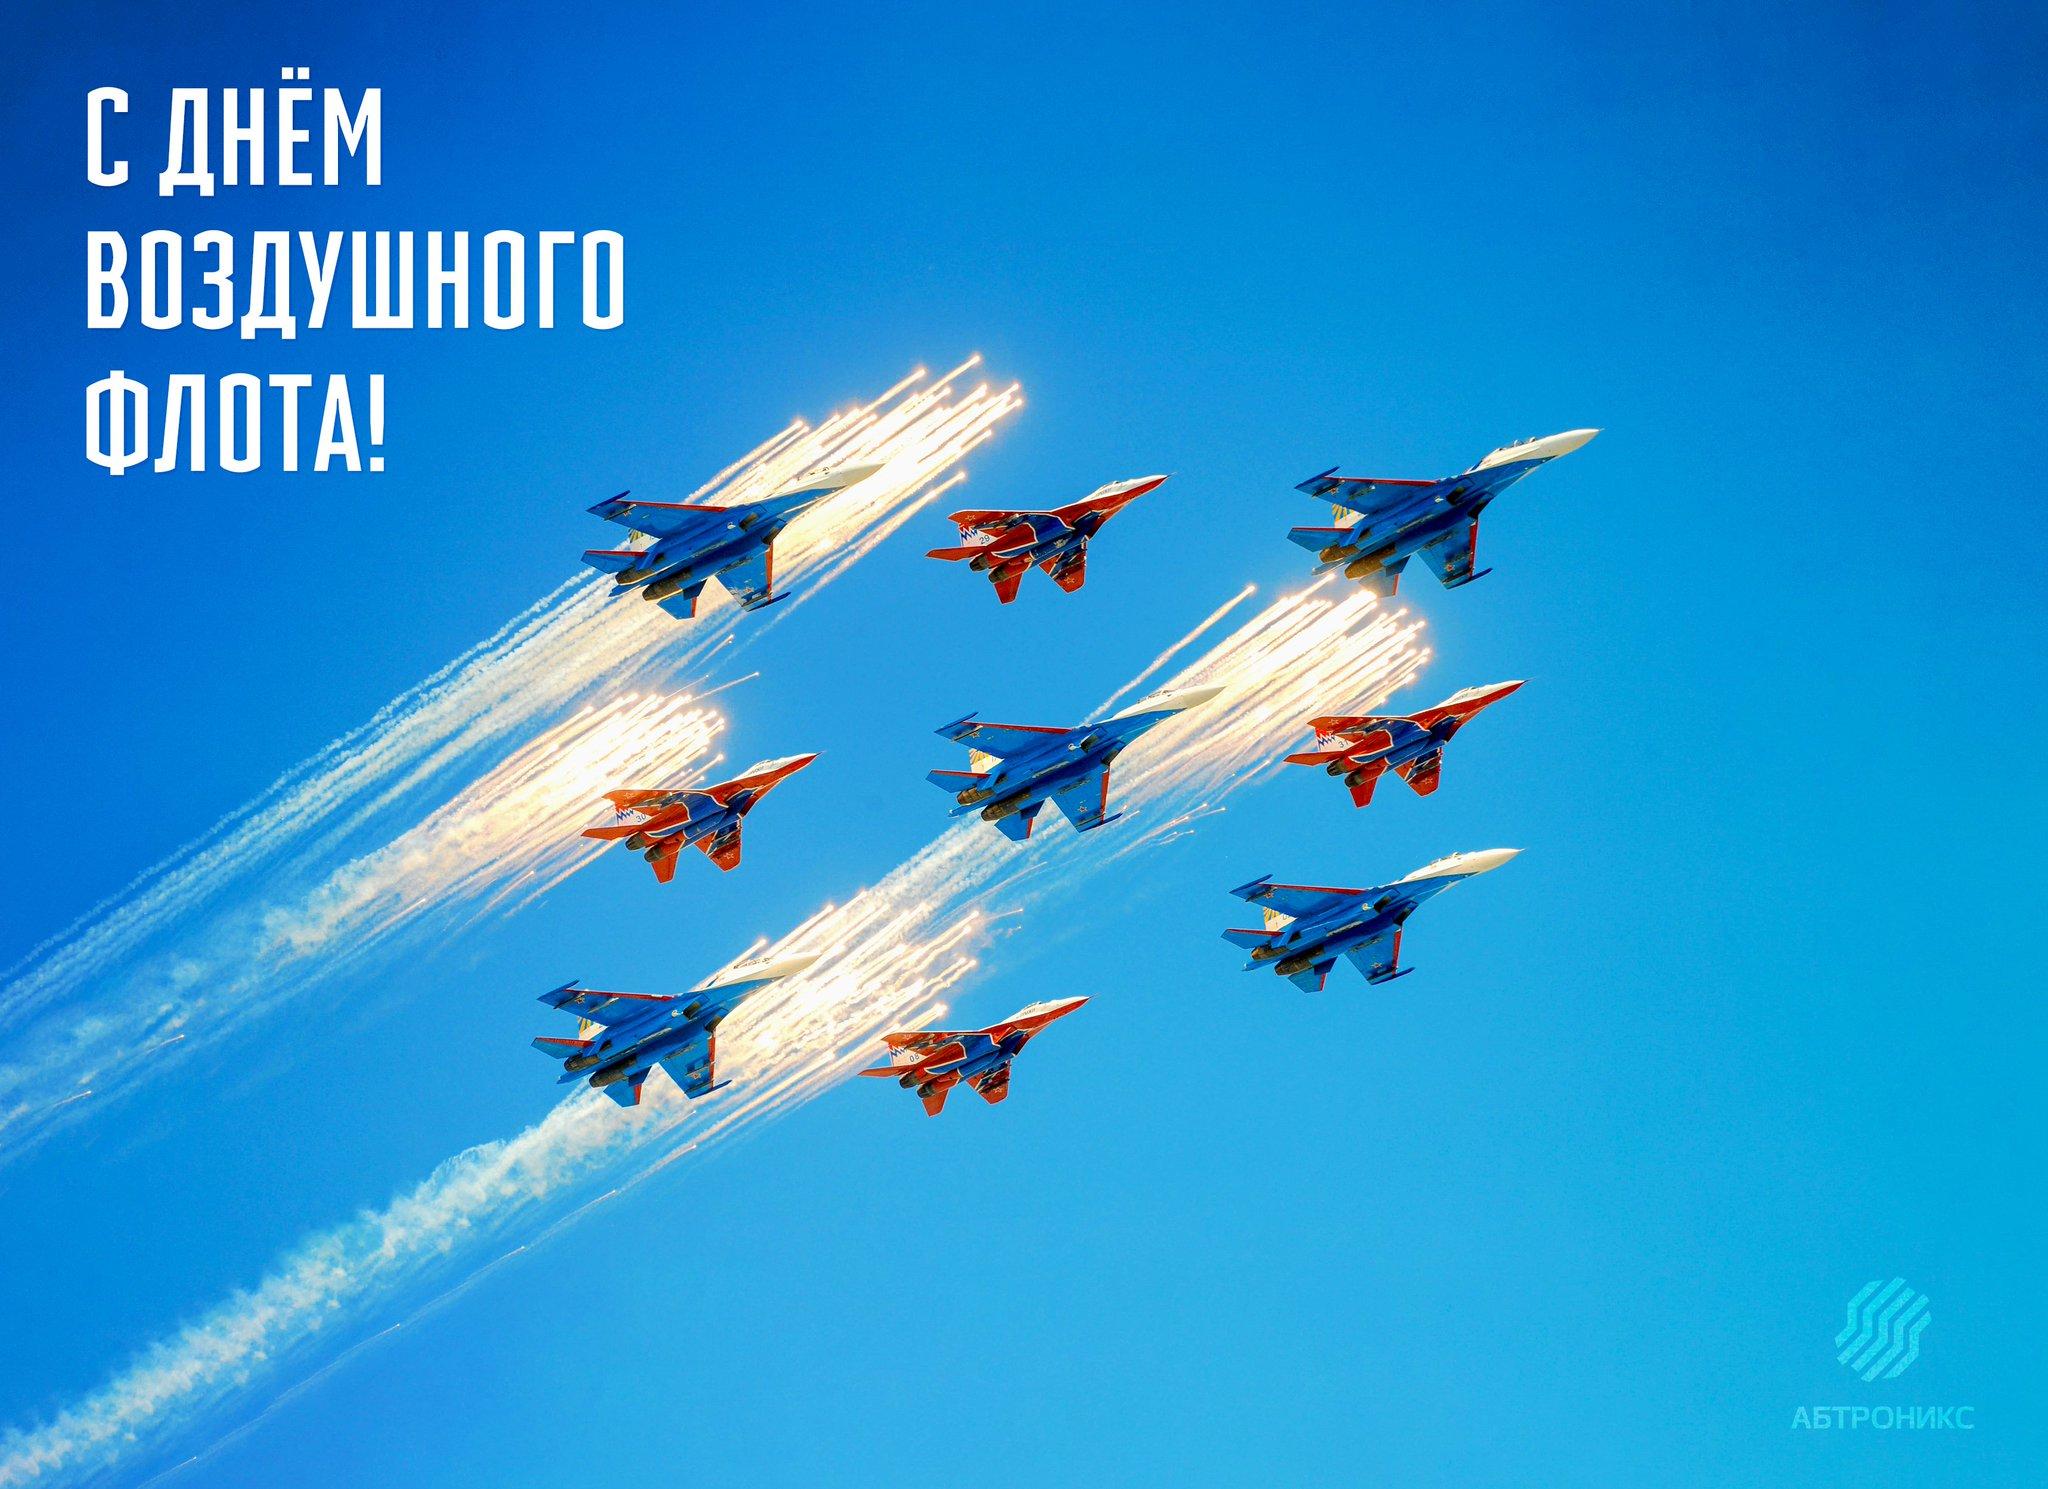 поздравление работников авиационной промышленности день свой